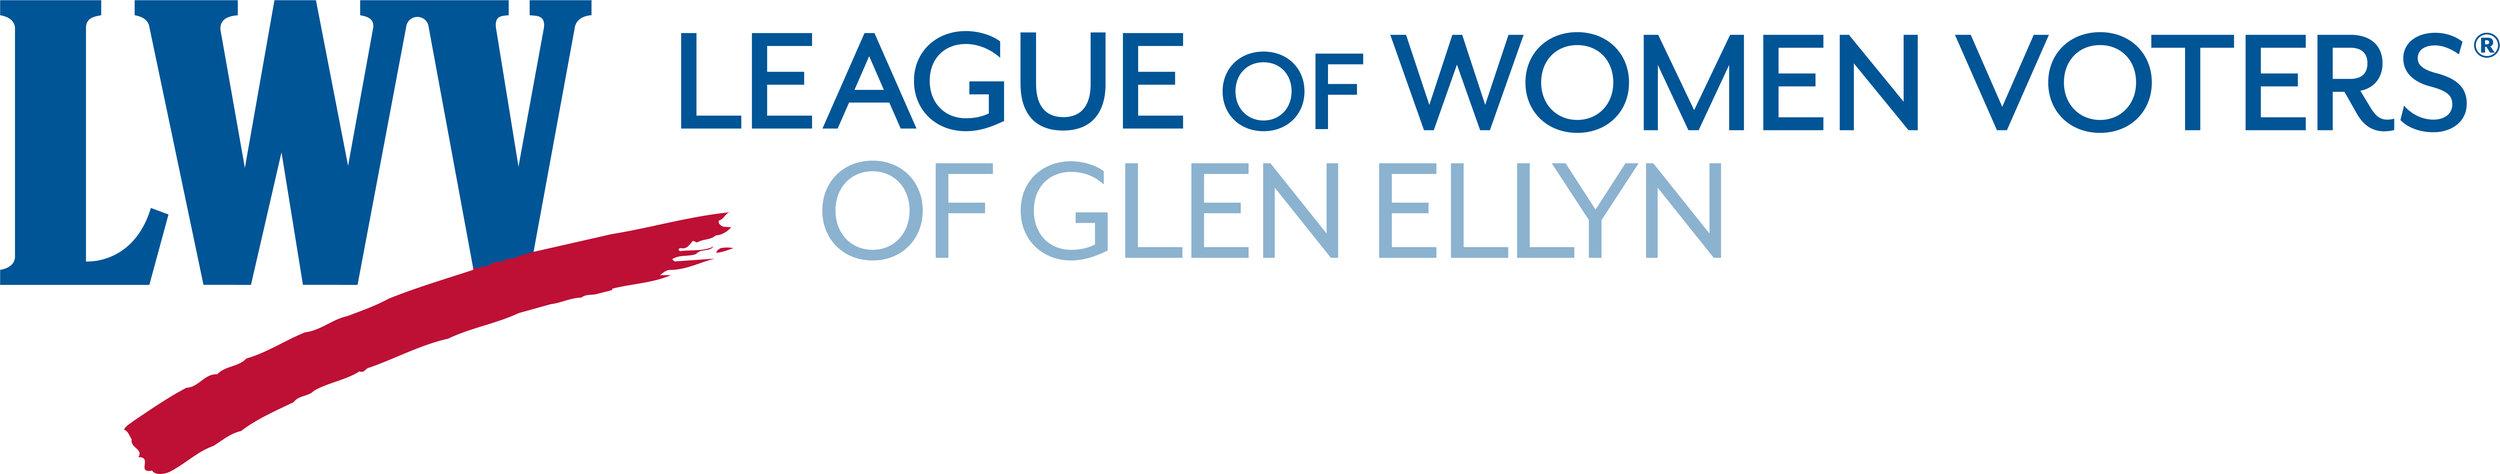 LWVGlenEllyn_rgb.jpg